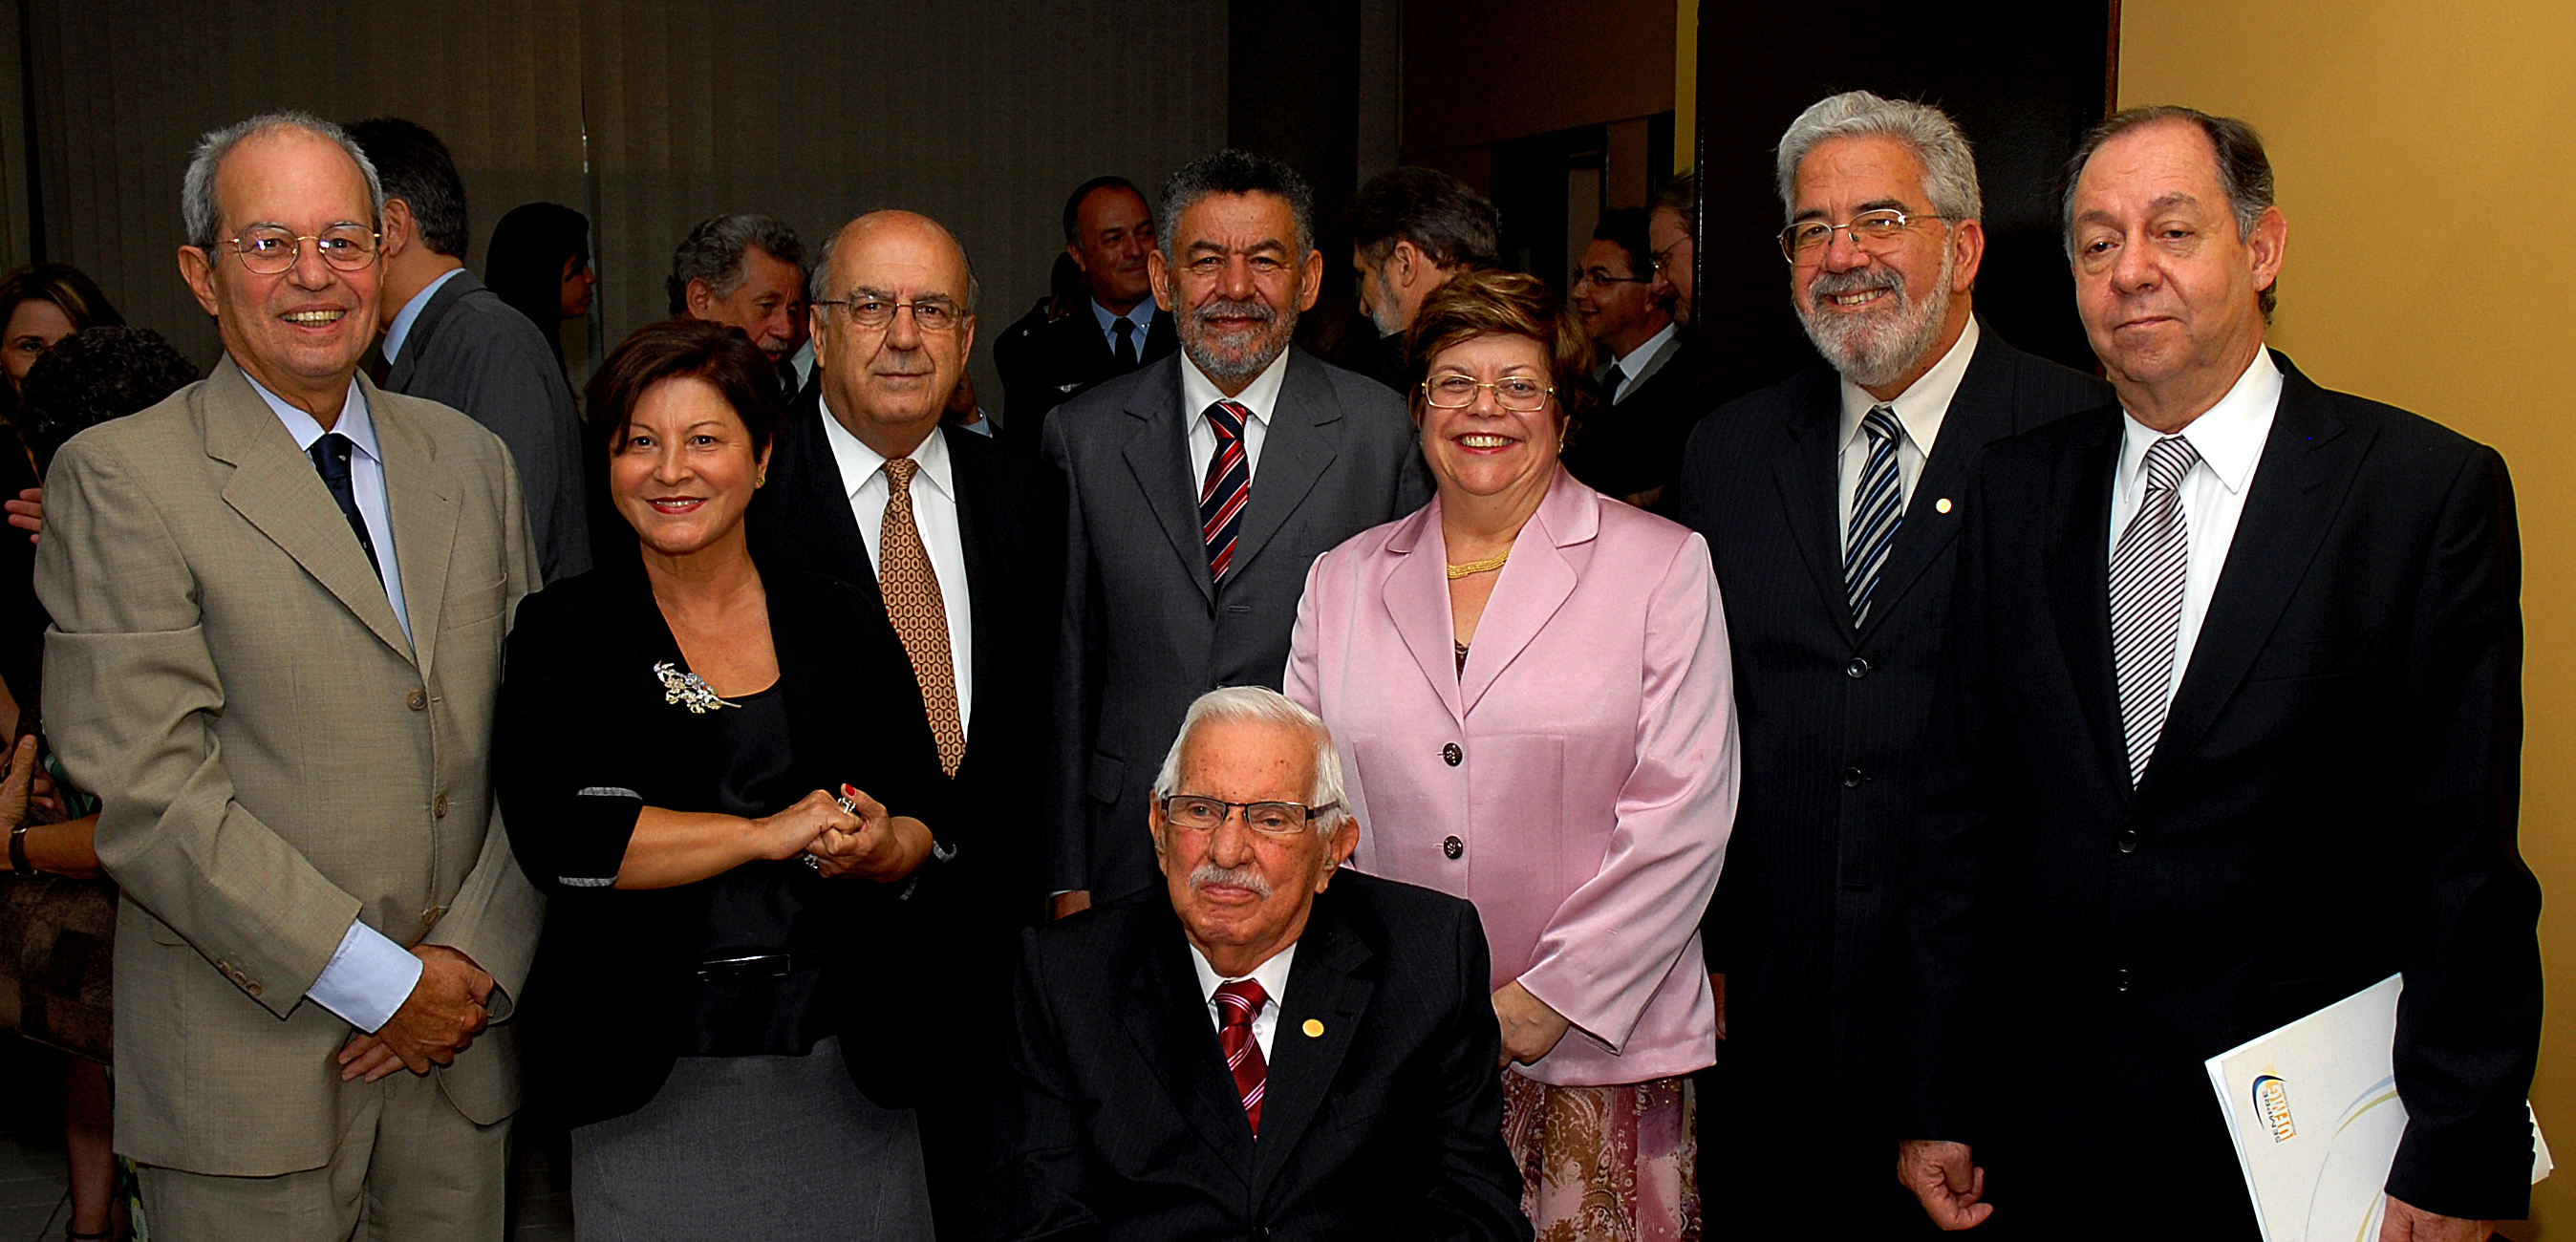 Posso de Clélio Campolina como reitor da UFMG, em 2010. Na foto, estão os outros reitores da universidade, em ordem: Francisco César de Sá Barreto (1998-2002), Vanessa Guimarães Pinto (1990-1994), Cid Velloso (1986-1990), Tomaz Aroldo da Mota Santos (1994-1998), Ana Lúcia Almeida Gazzola (2002-2006), Ronaldo Tadêu Pena (2006-2010), o próprio Clélio Campolina (2010-2014) e, sentado, .Foto: Foca Lisboa